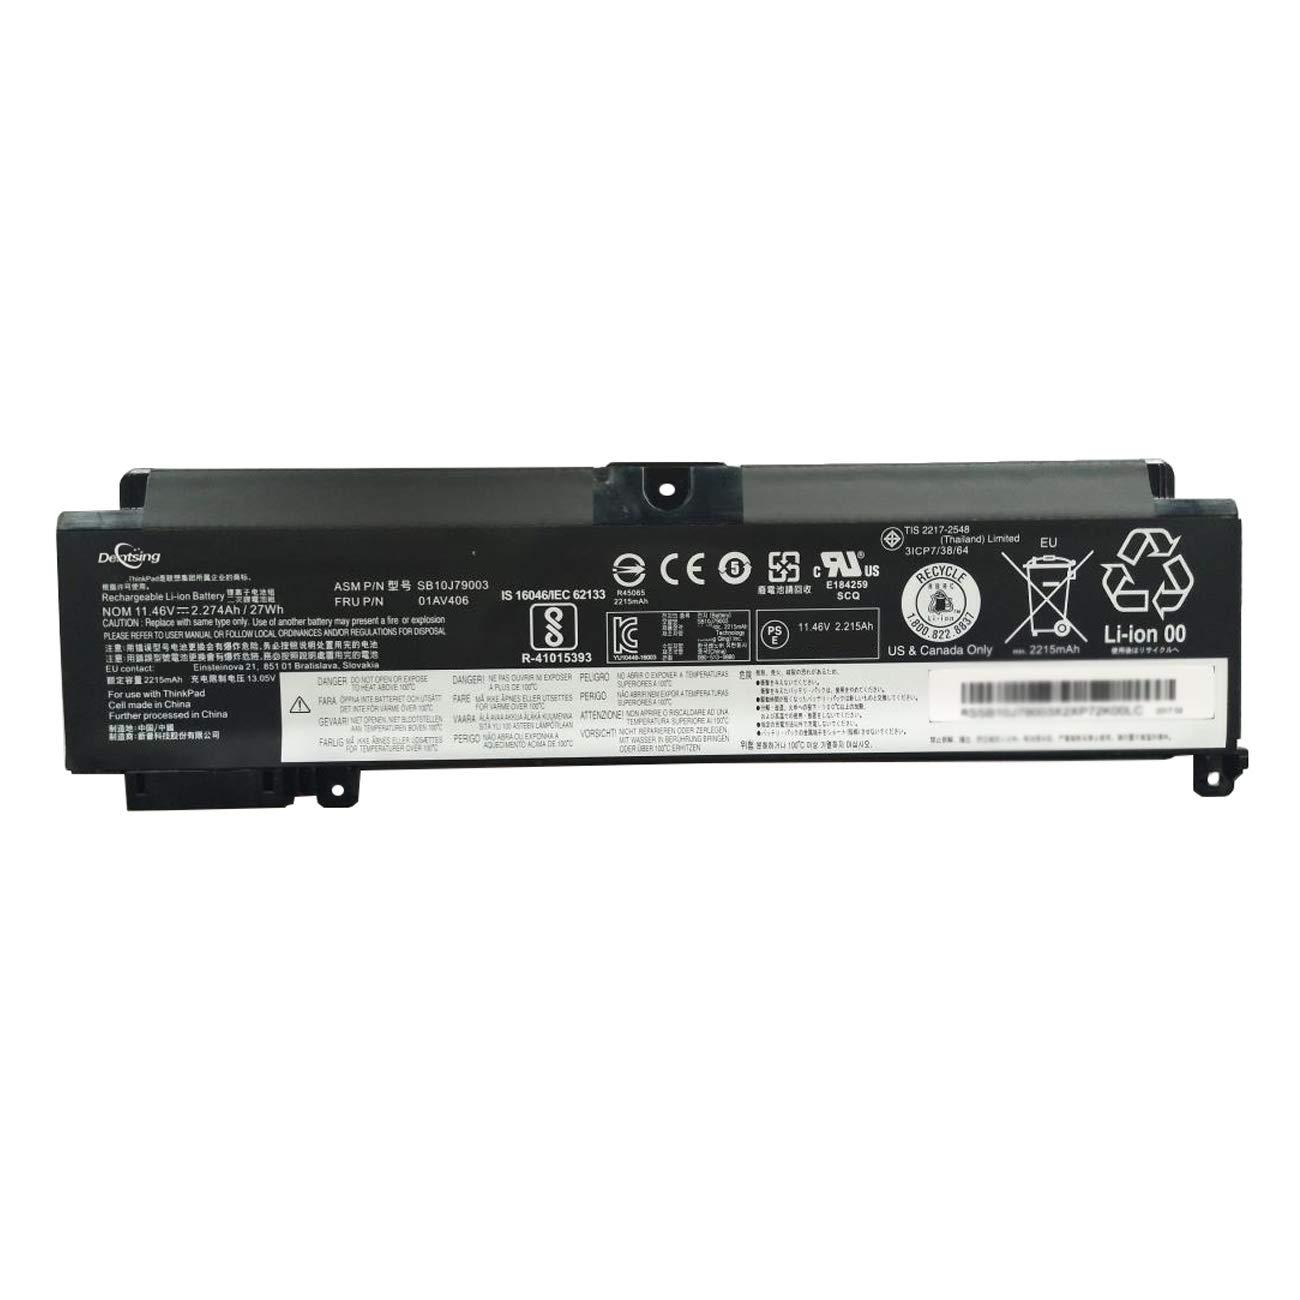 Bateria 11.46V27Wh/2274mAh 01AV406 Compatiblewith LenovoT